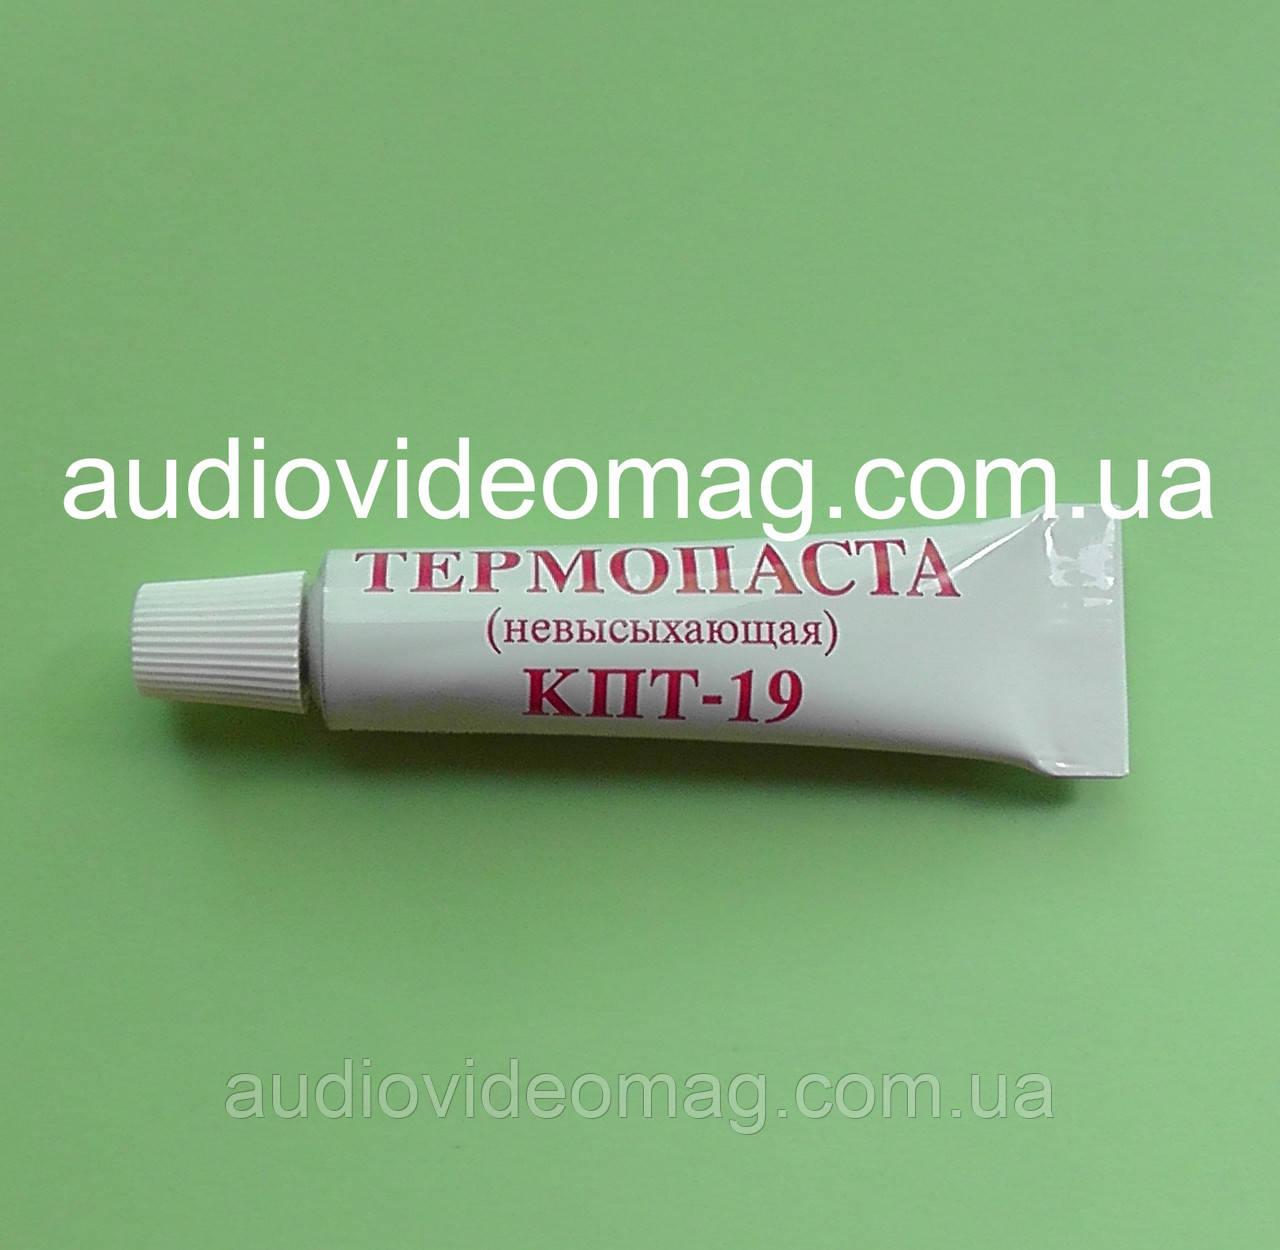 Термопаста КПТ-19 (Кремнийорганическая паста теплопроводная), 17 грамм